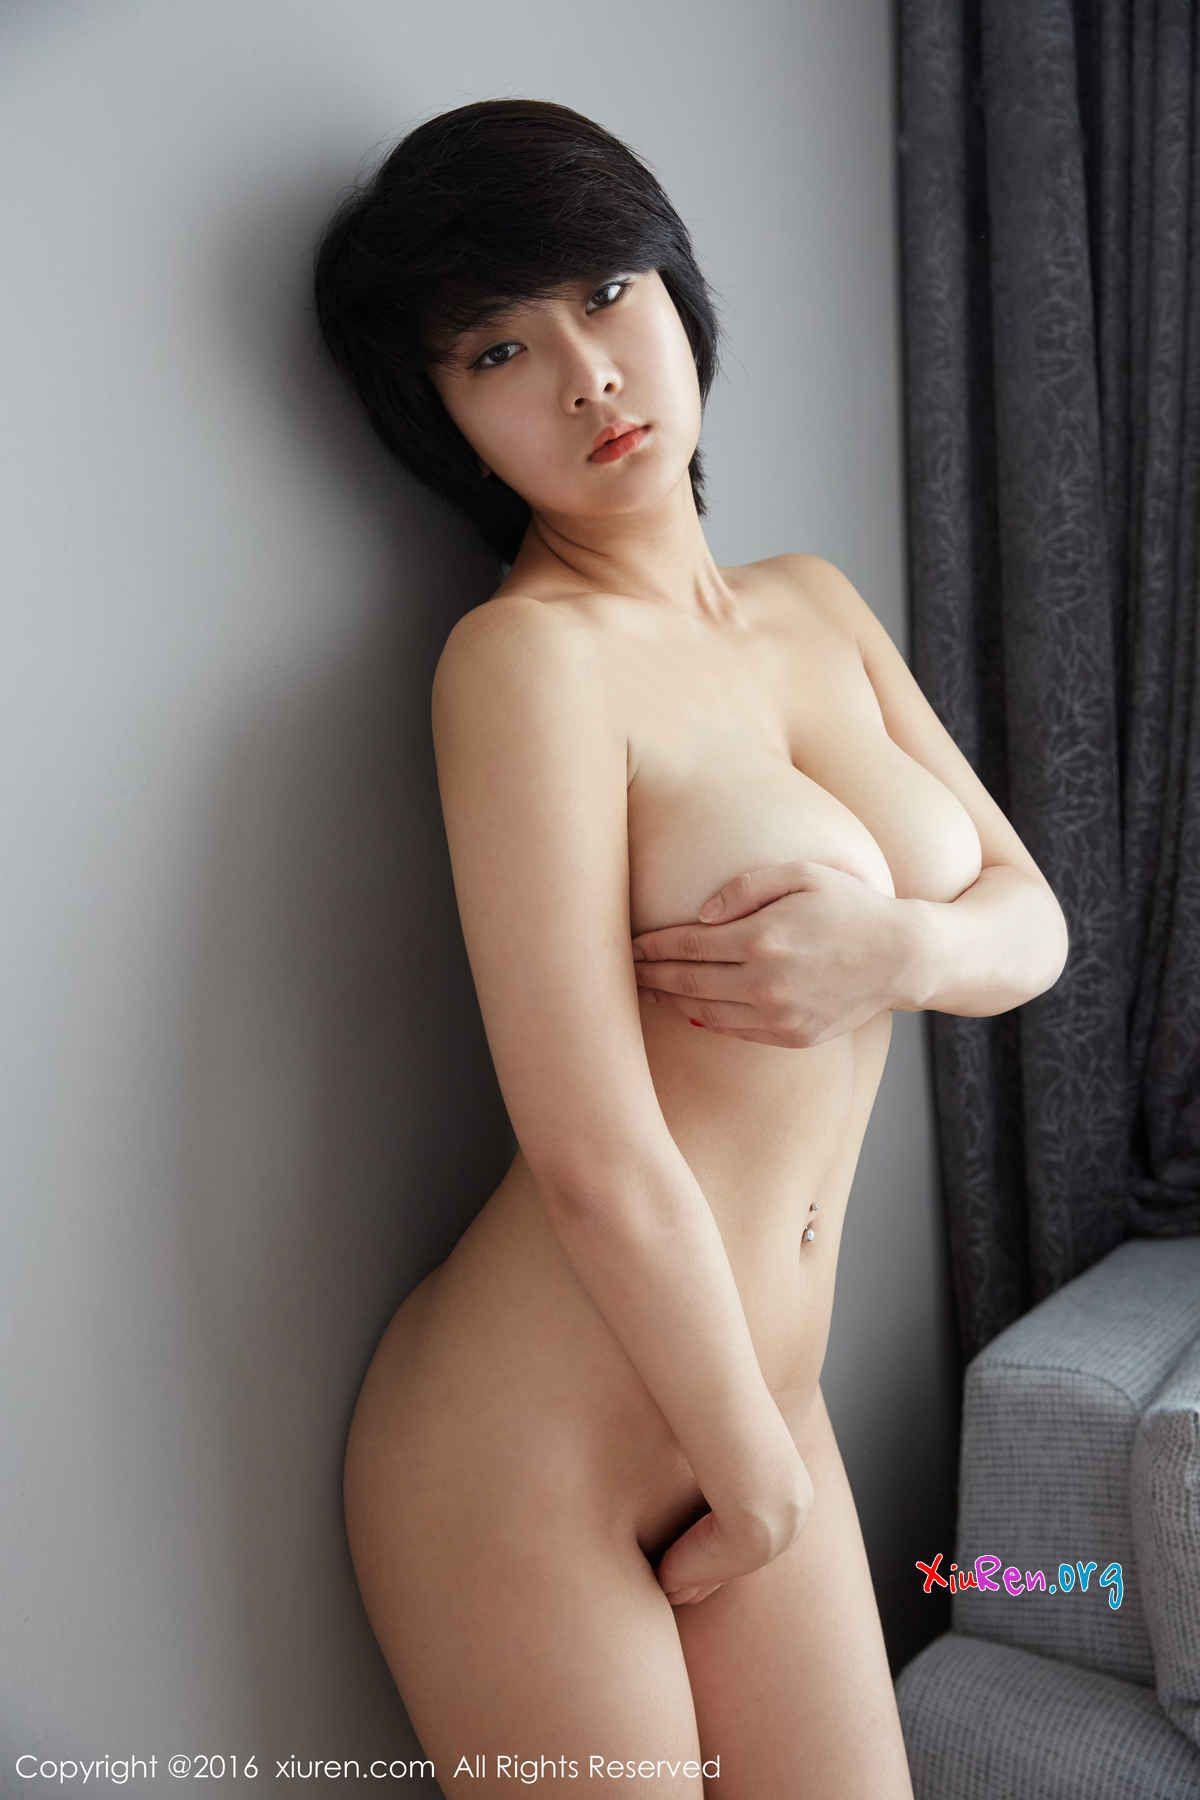 Selma hayek nude photoshop